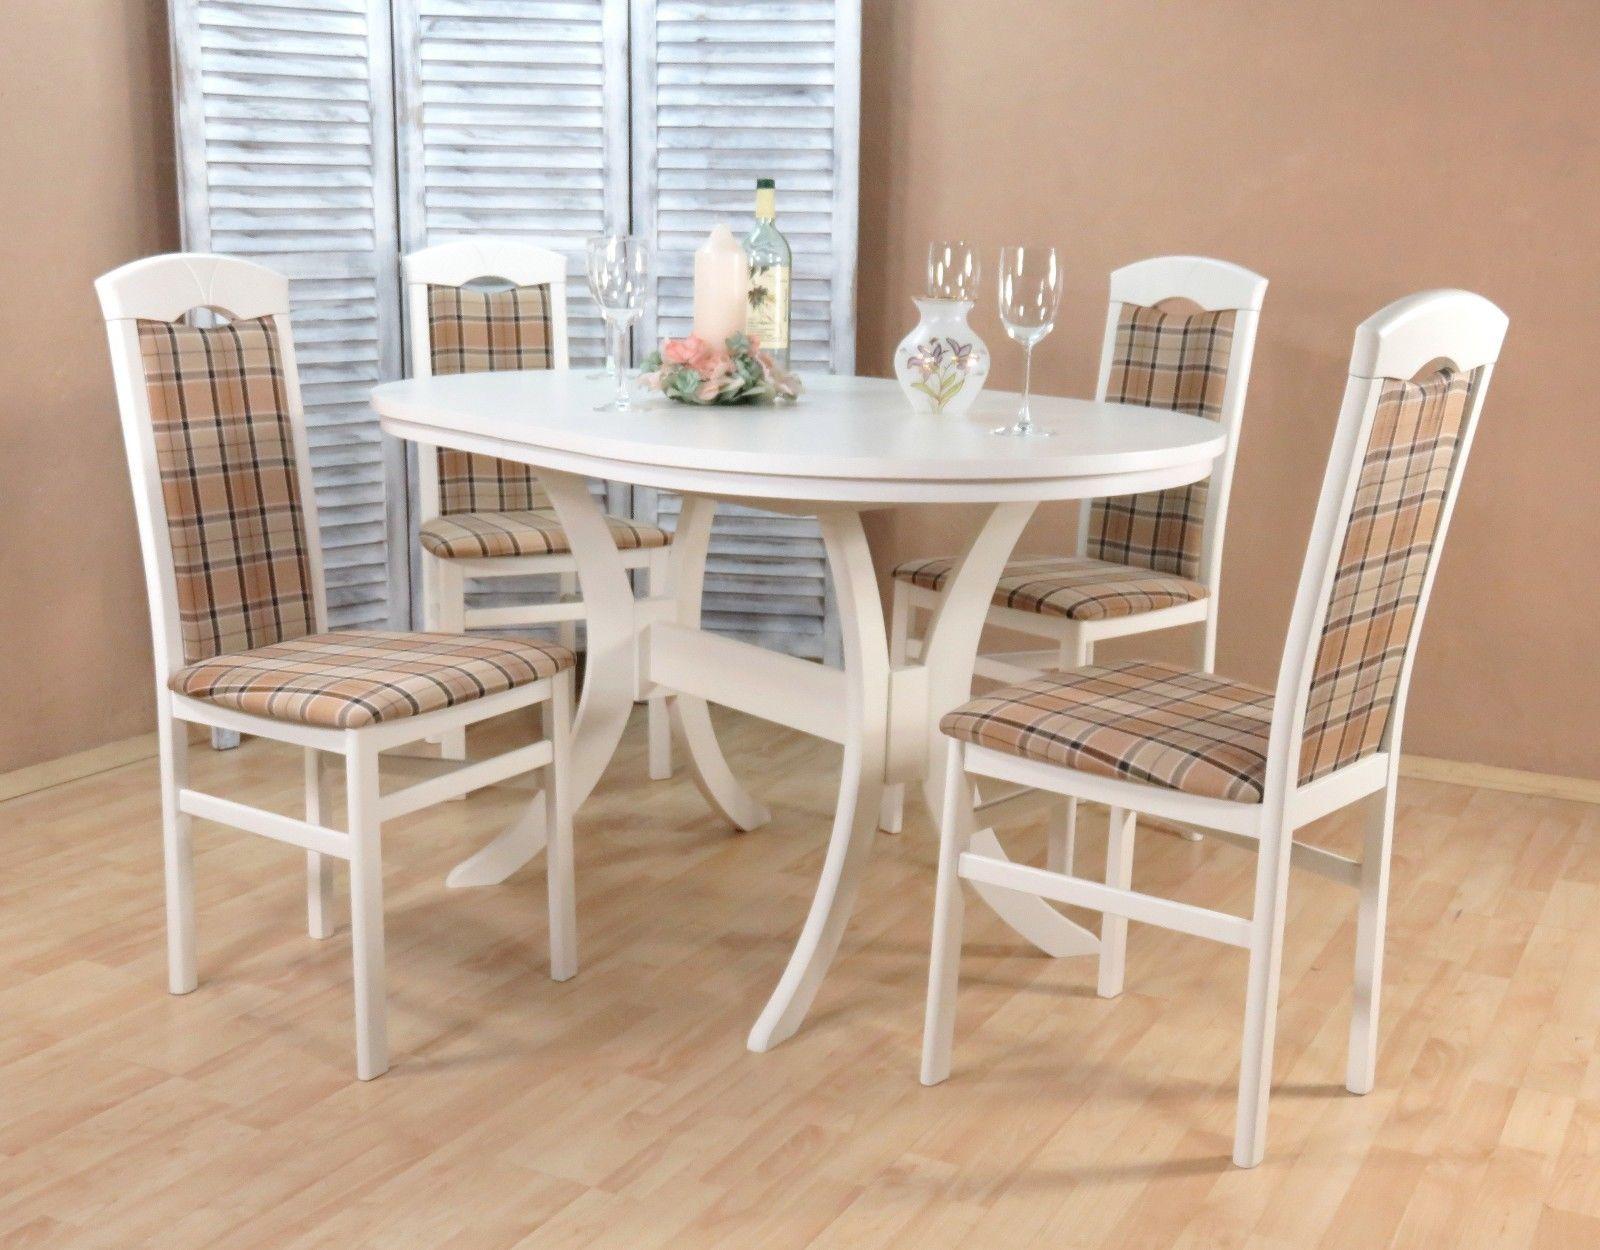 Attraktiv Esstisch Stühle Beige Galerie Von Tischgruppe Weiß Braun Massivholz 4 X Stühle